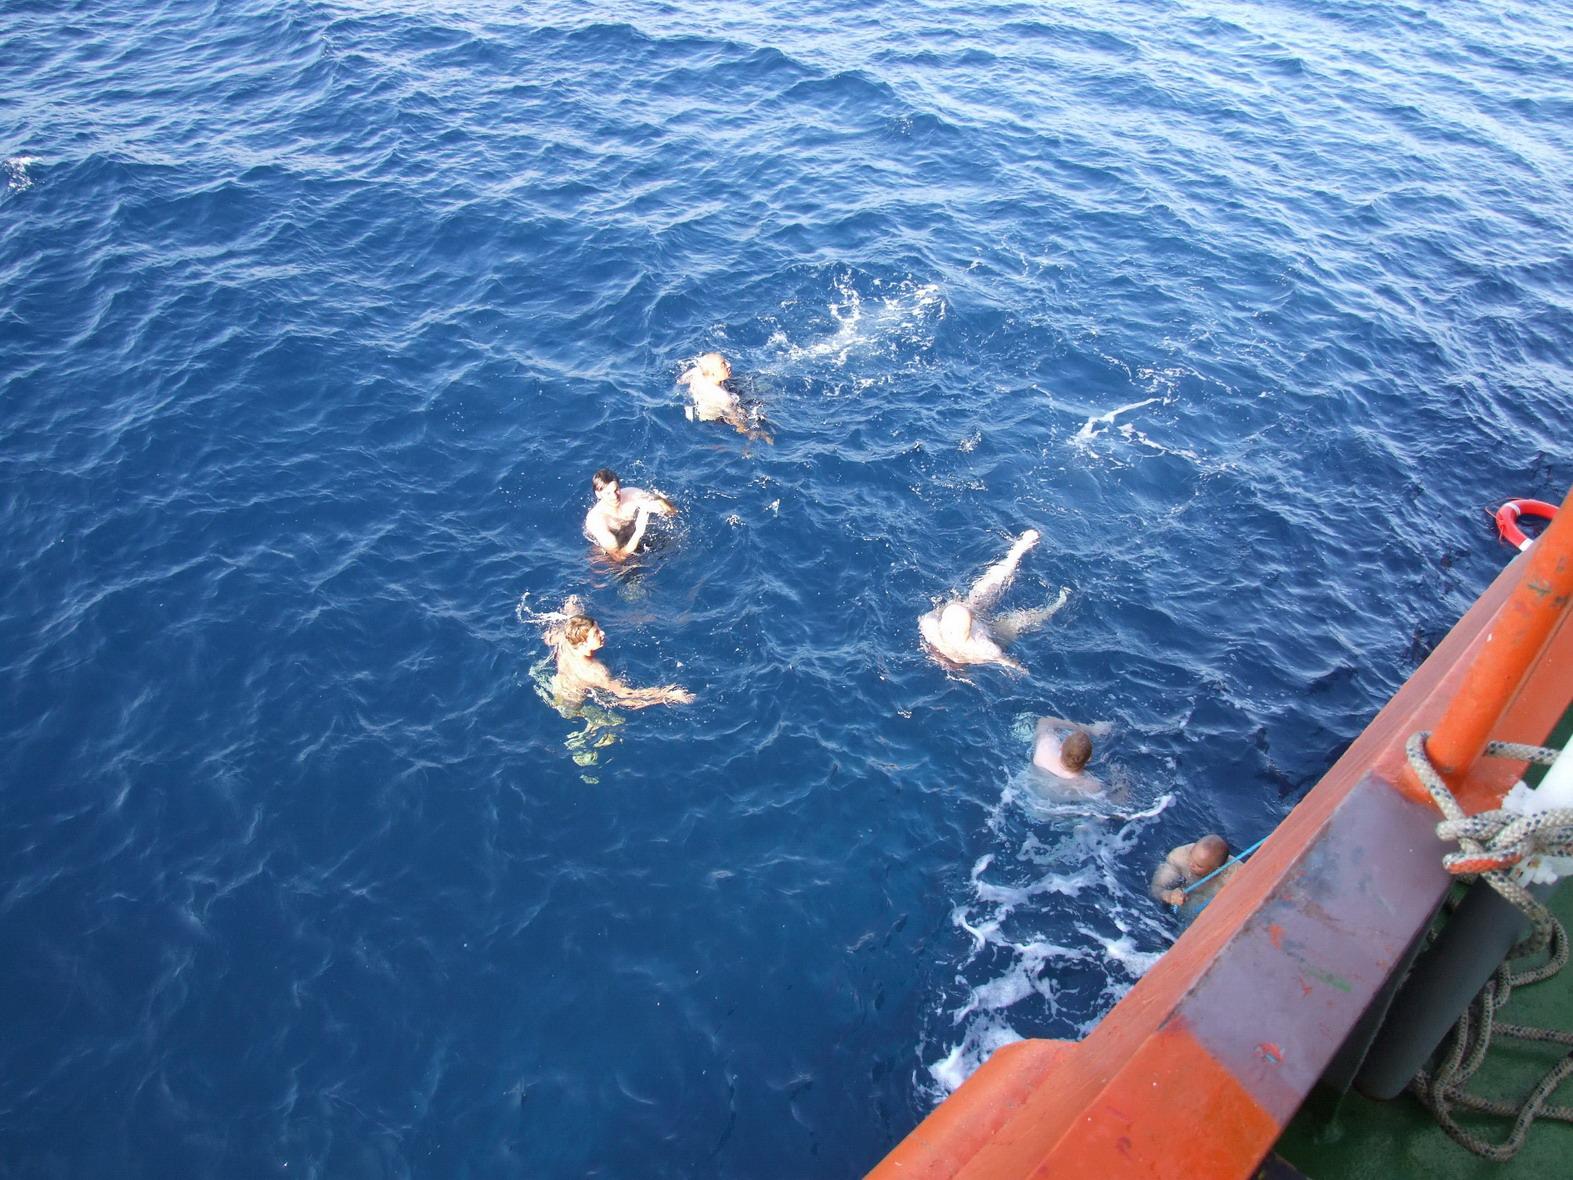 Swimming017.jpg